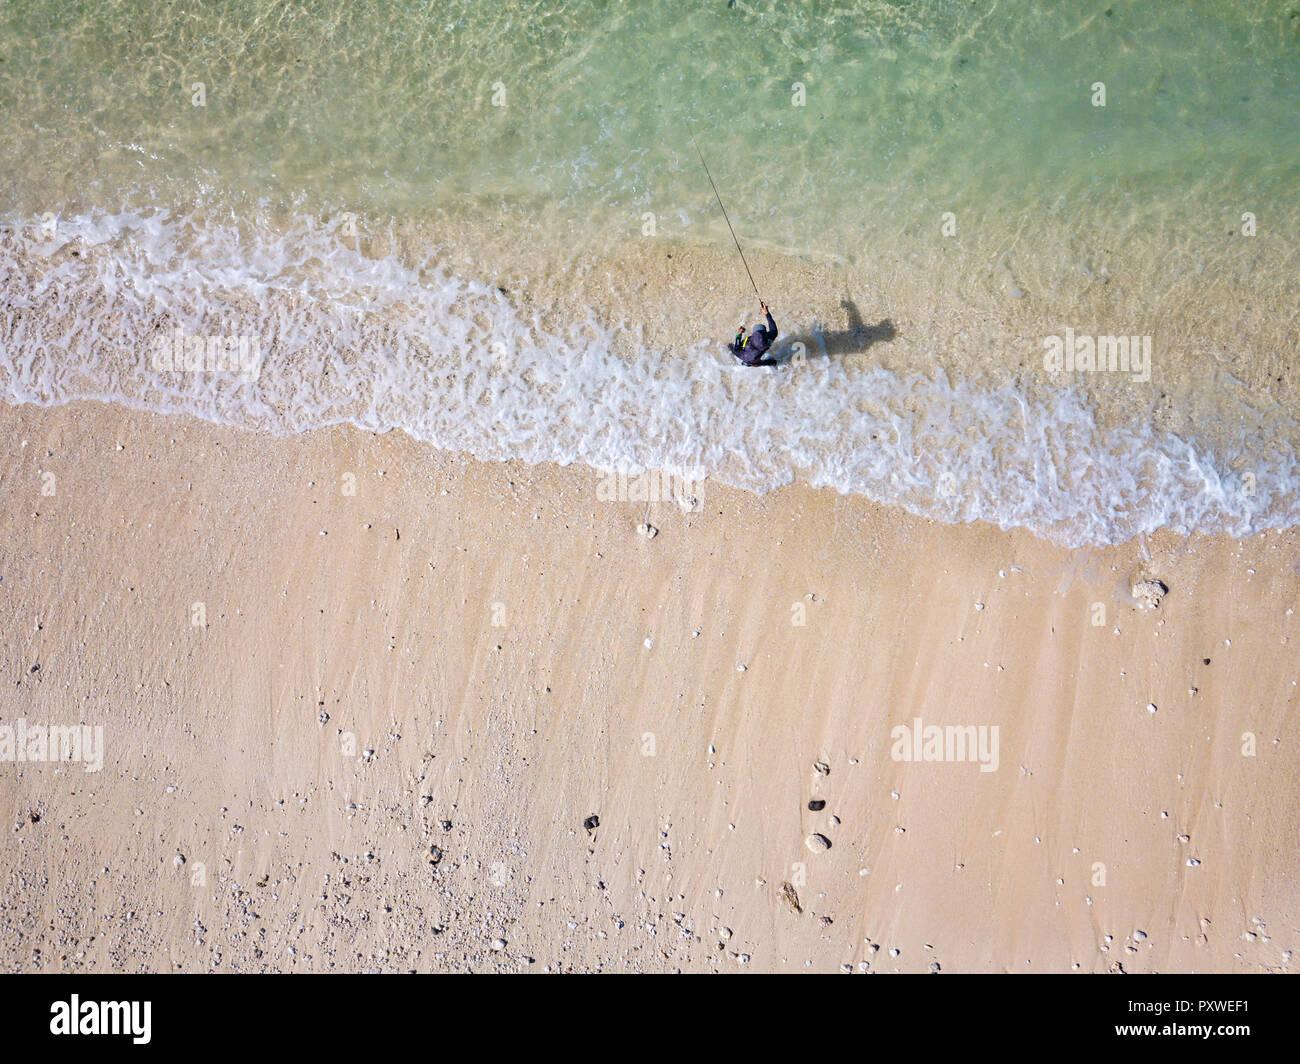 Indonesia, Bali, vista aerea del pescatore sulla riva del mare Immagini Stock